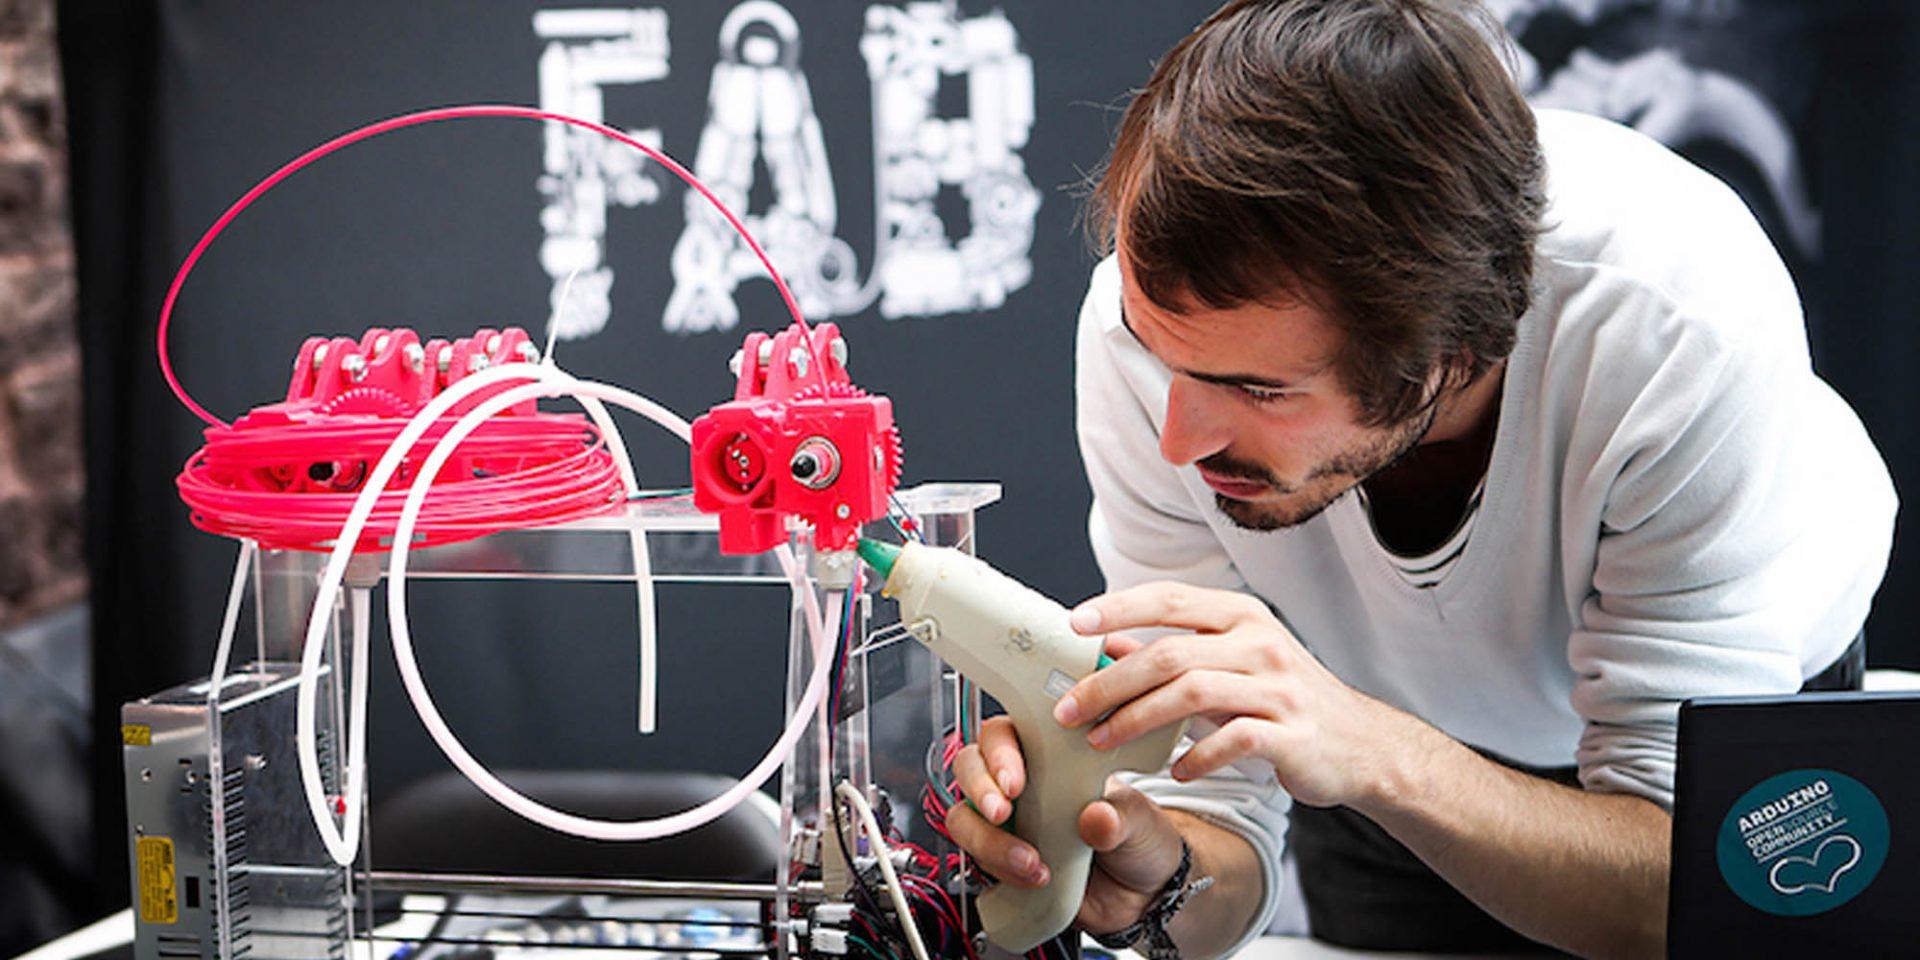 Les labs de Rennes, Gand et Toulouse vus par la chercheuse Flavie Ferchaud